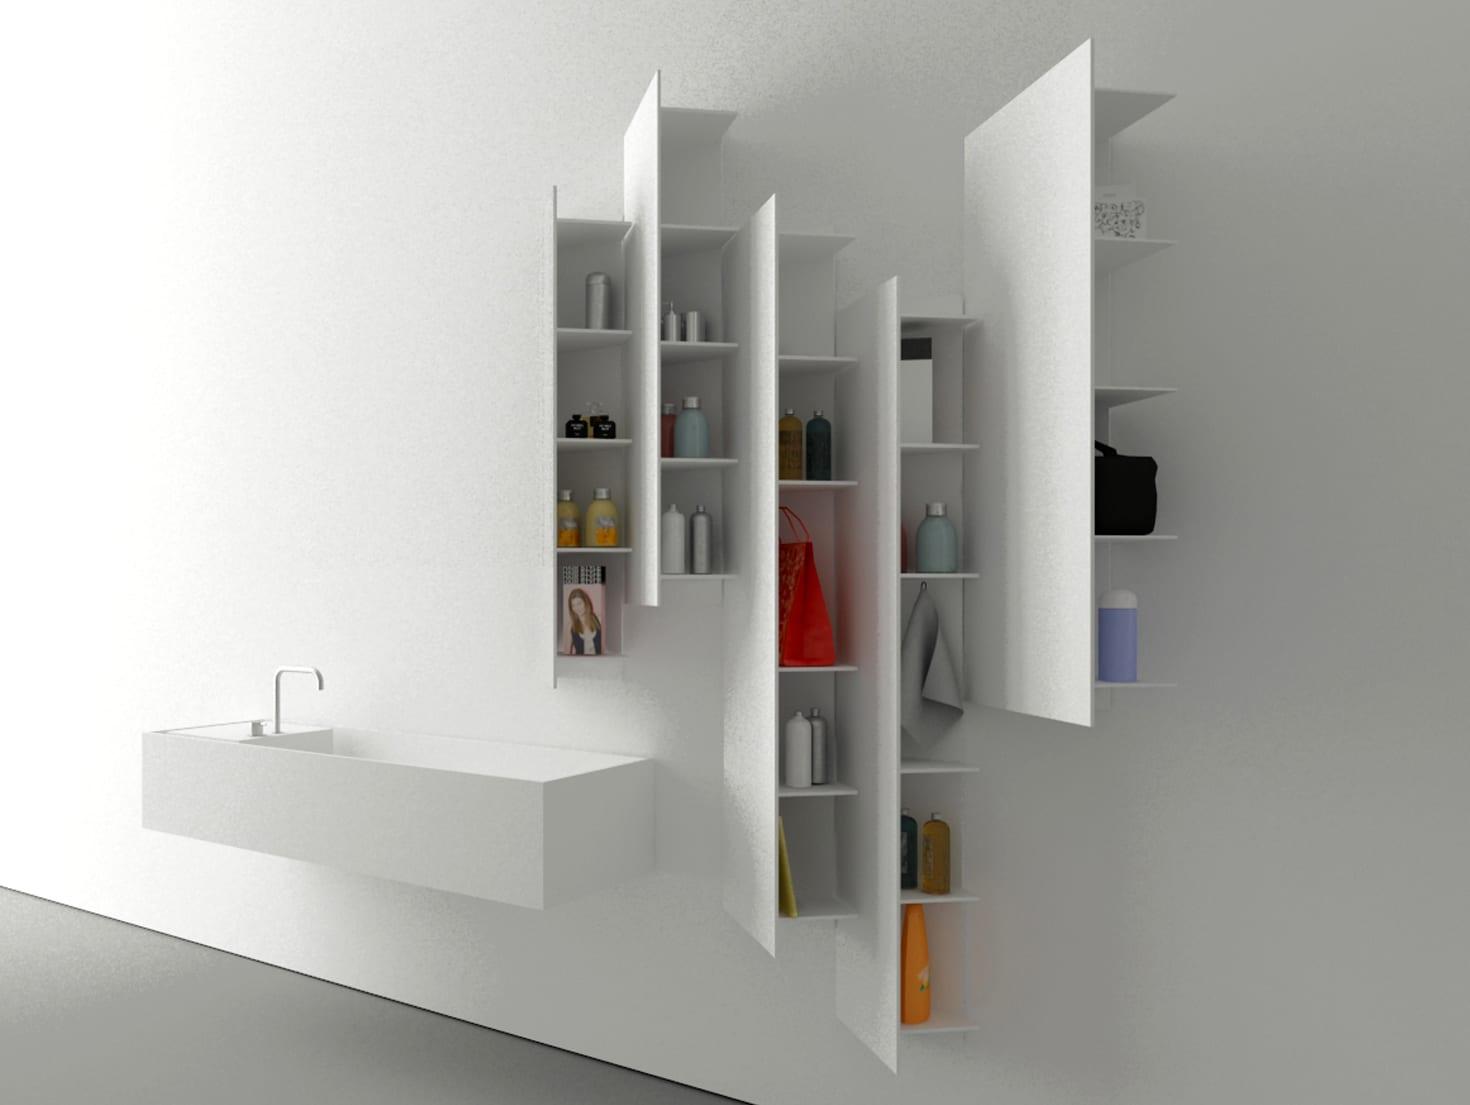 wei es badezimmer regal inspiration f r die gestaltung der besten r ume. Black Bedroom Furniture Sets. Home Design Ideas